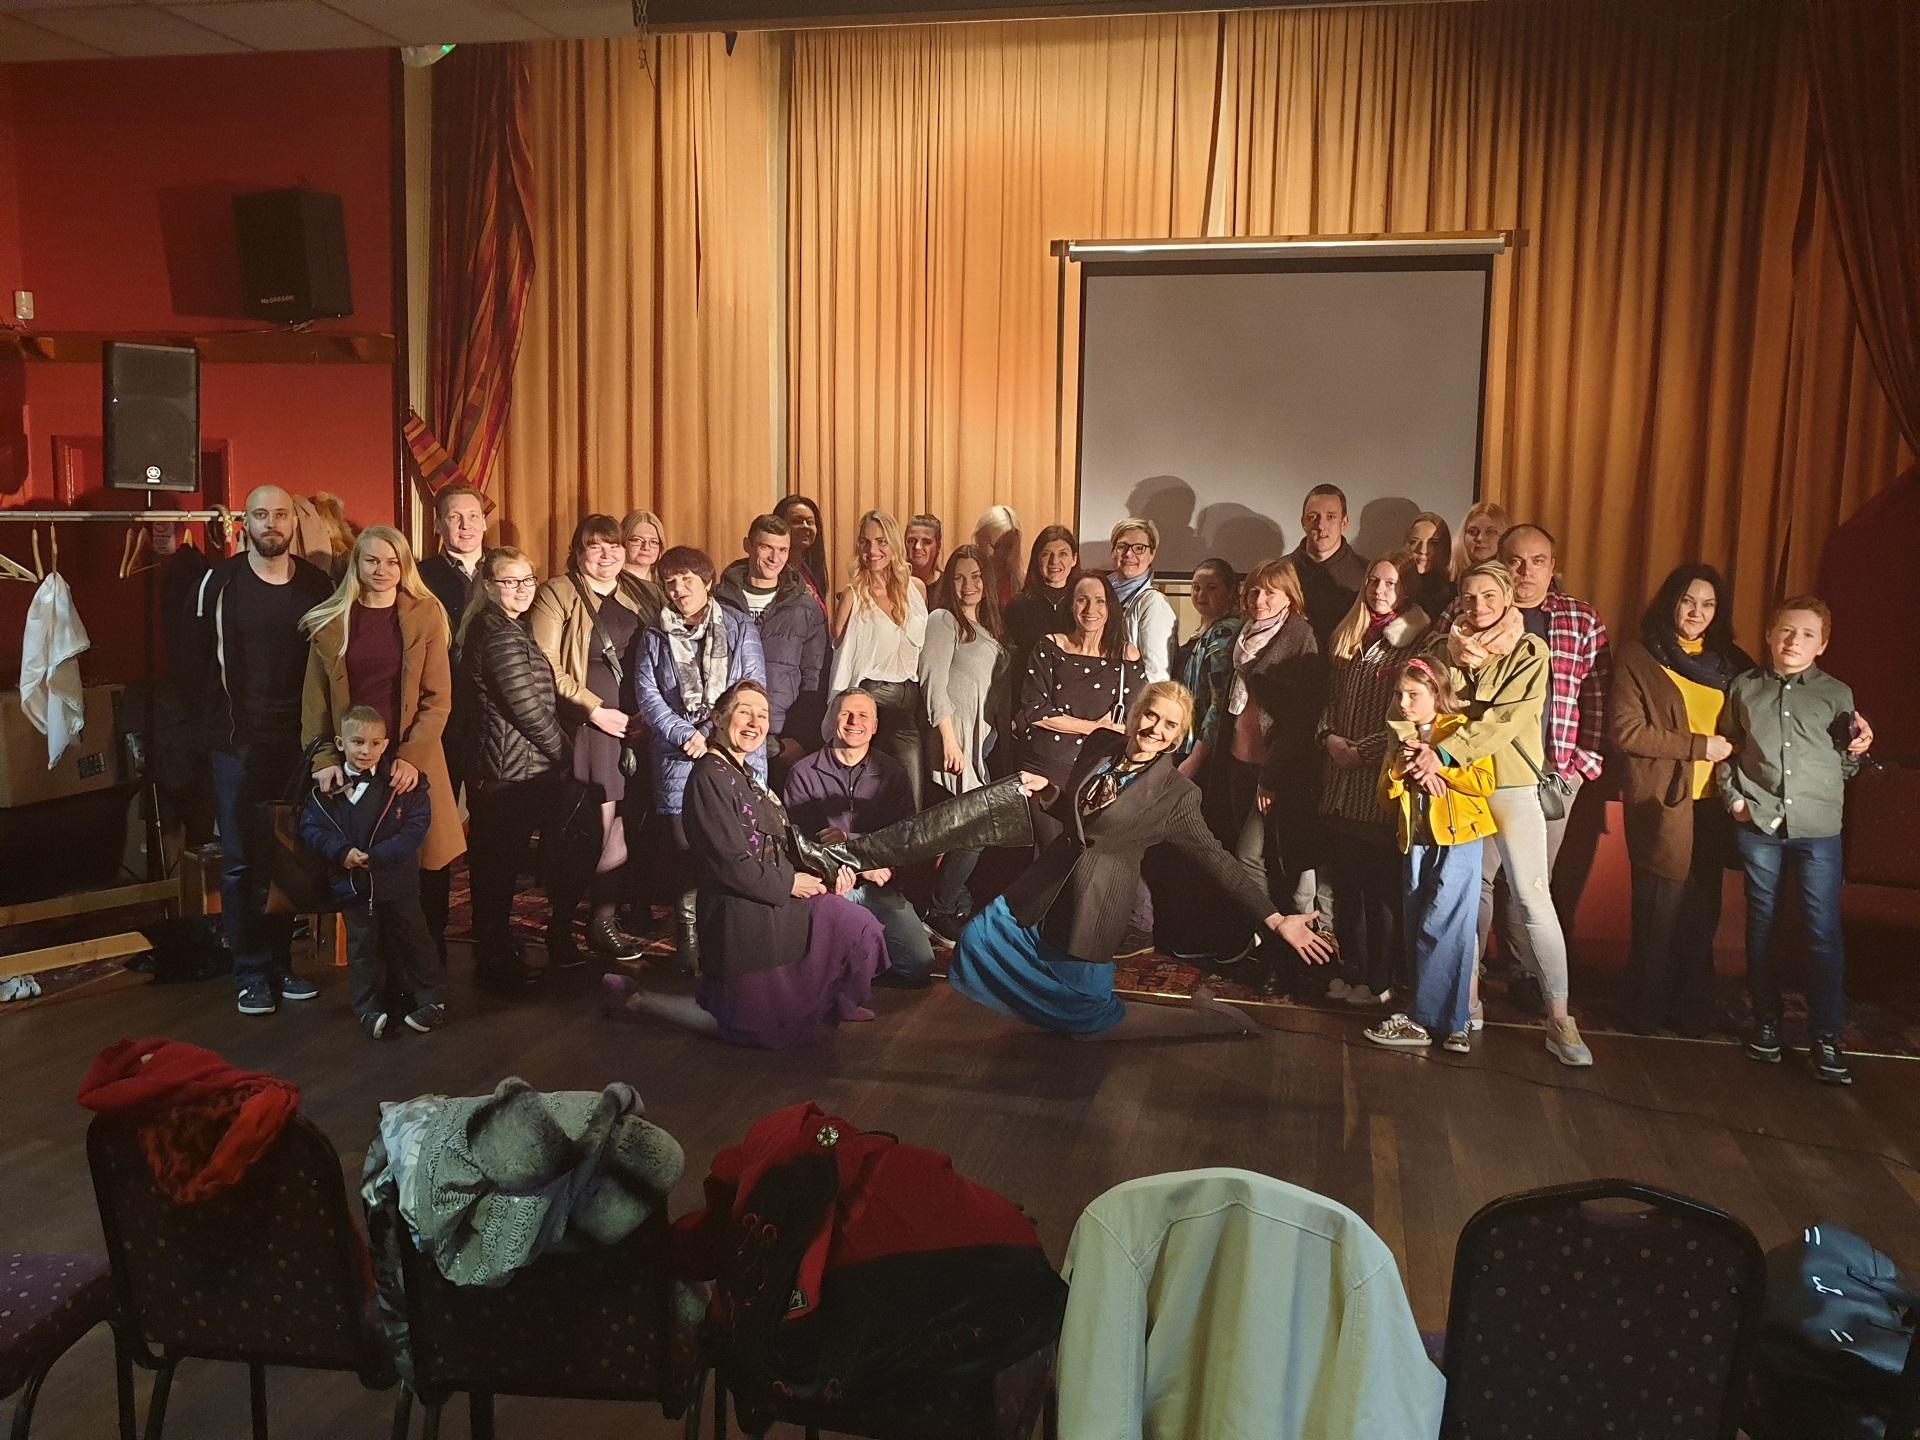 Remigijus organizuoja vietos lietuvių bendruomenės renginius, o jų populiarumas sparčiai auga. Dar prieš 2 metus į šv. Velykų renginį susirinko vos 25 žmonės, o dabar jau renkasi šimtais. / Asmeninio archyvo nuotr.